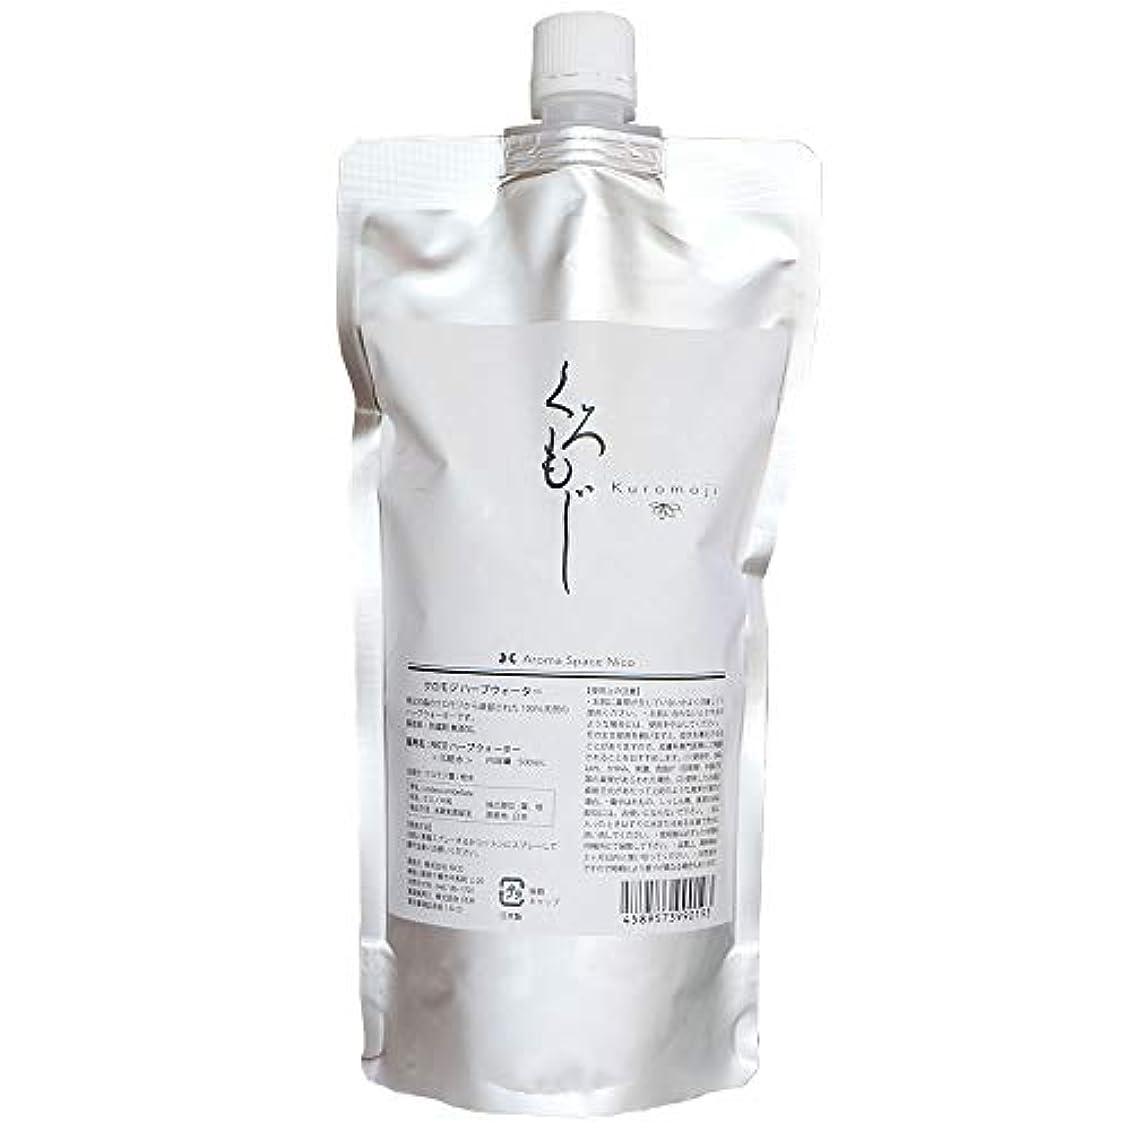 クリープ竜巻野望無添加 さっぱり 化粧水 [NICOクロモジハーブウォーター(500ml) ] 天然成分 心が和む和の香り …